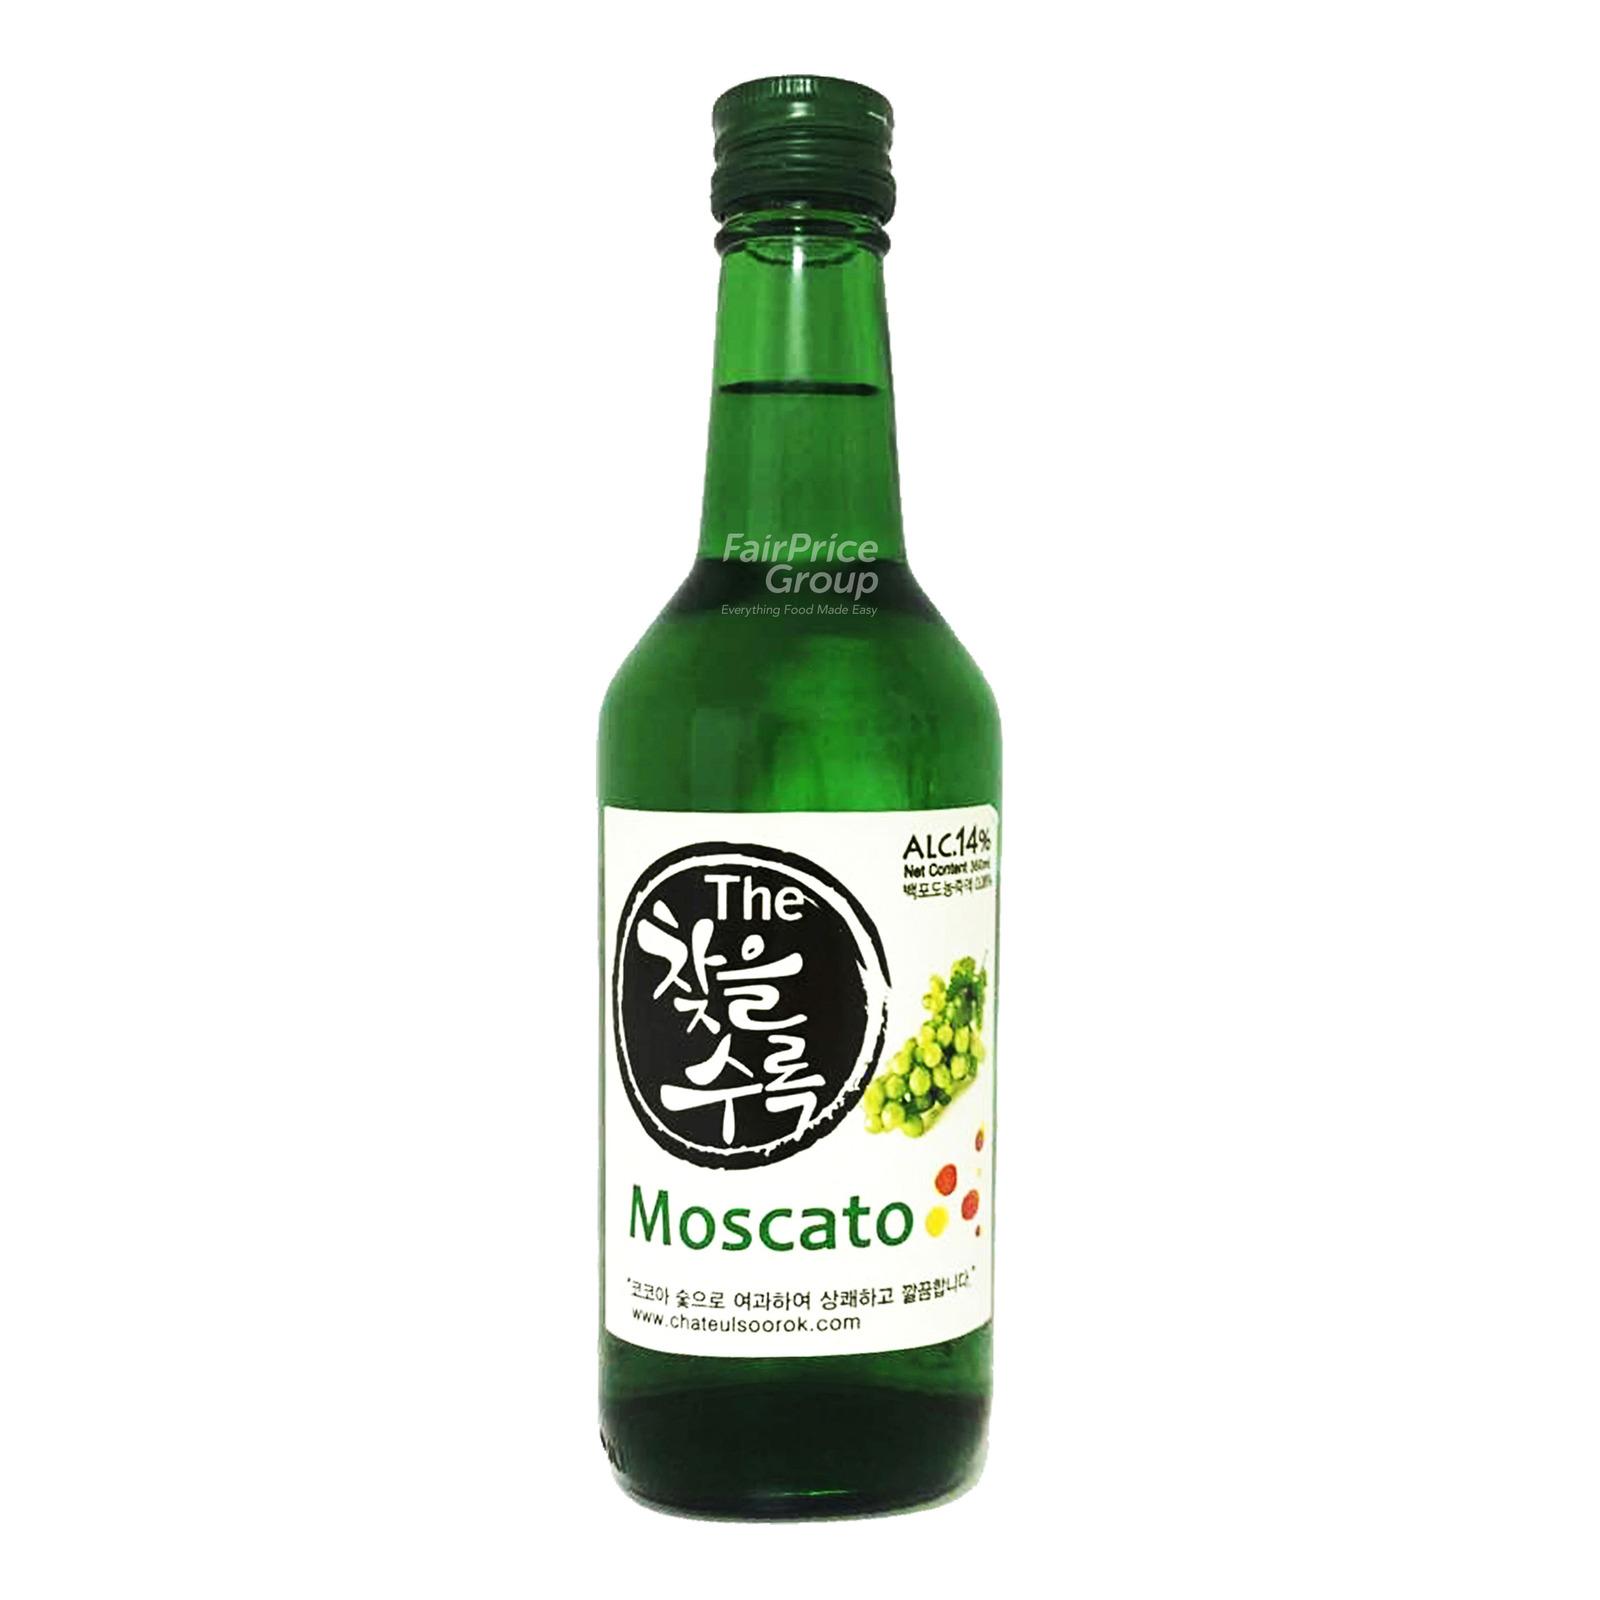 Chateulsoorok Bottle Soju - Moscato